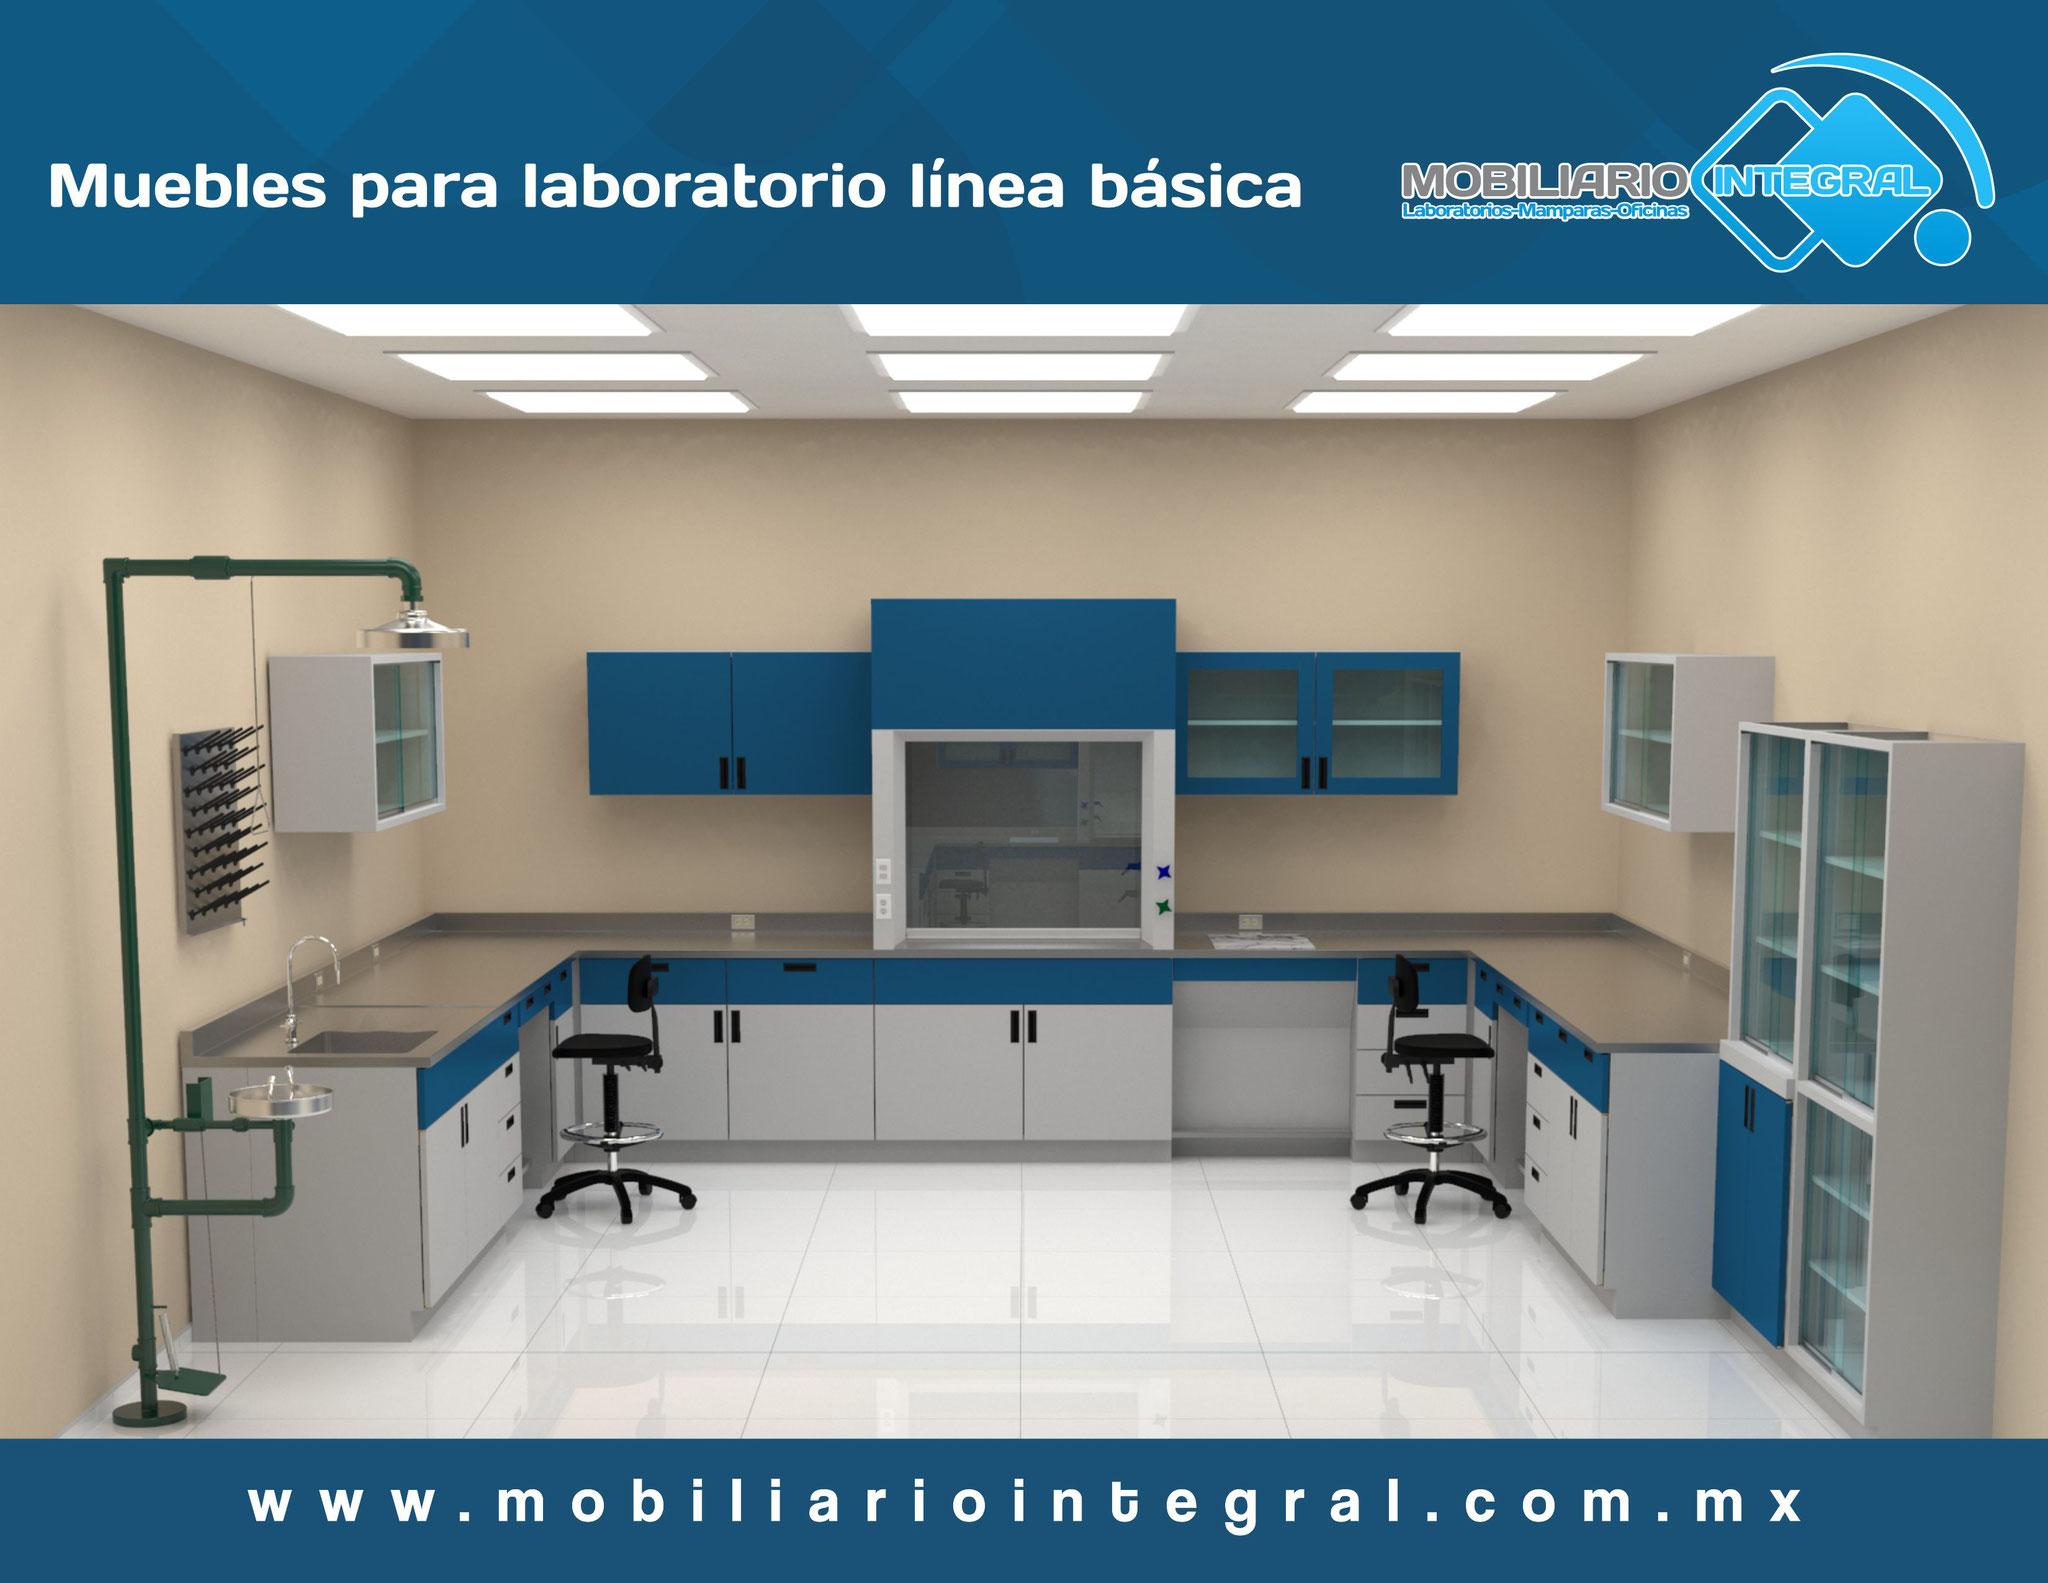 Muebles para laboratorio en Jalisco